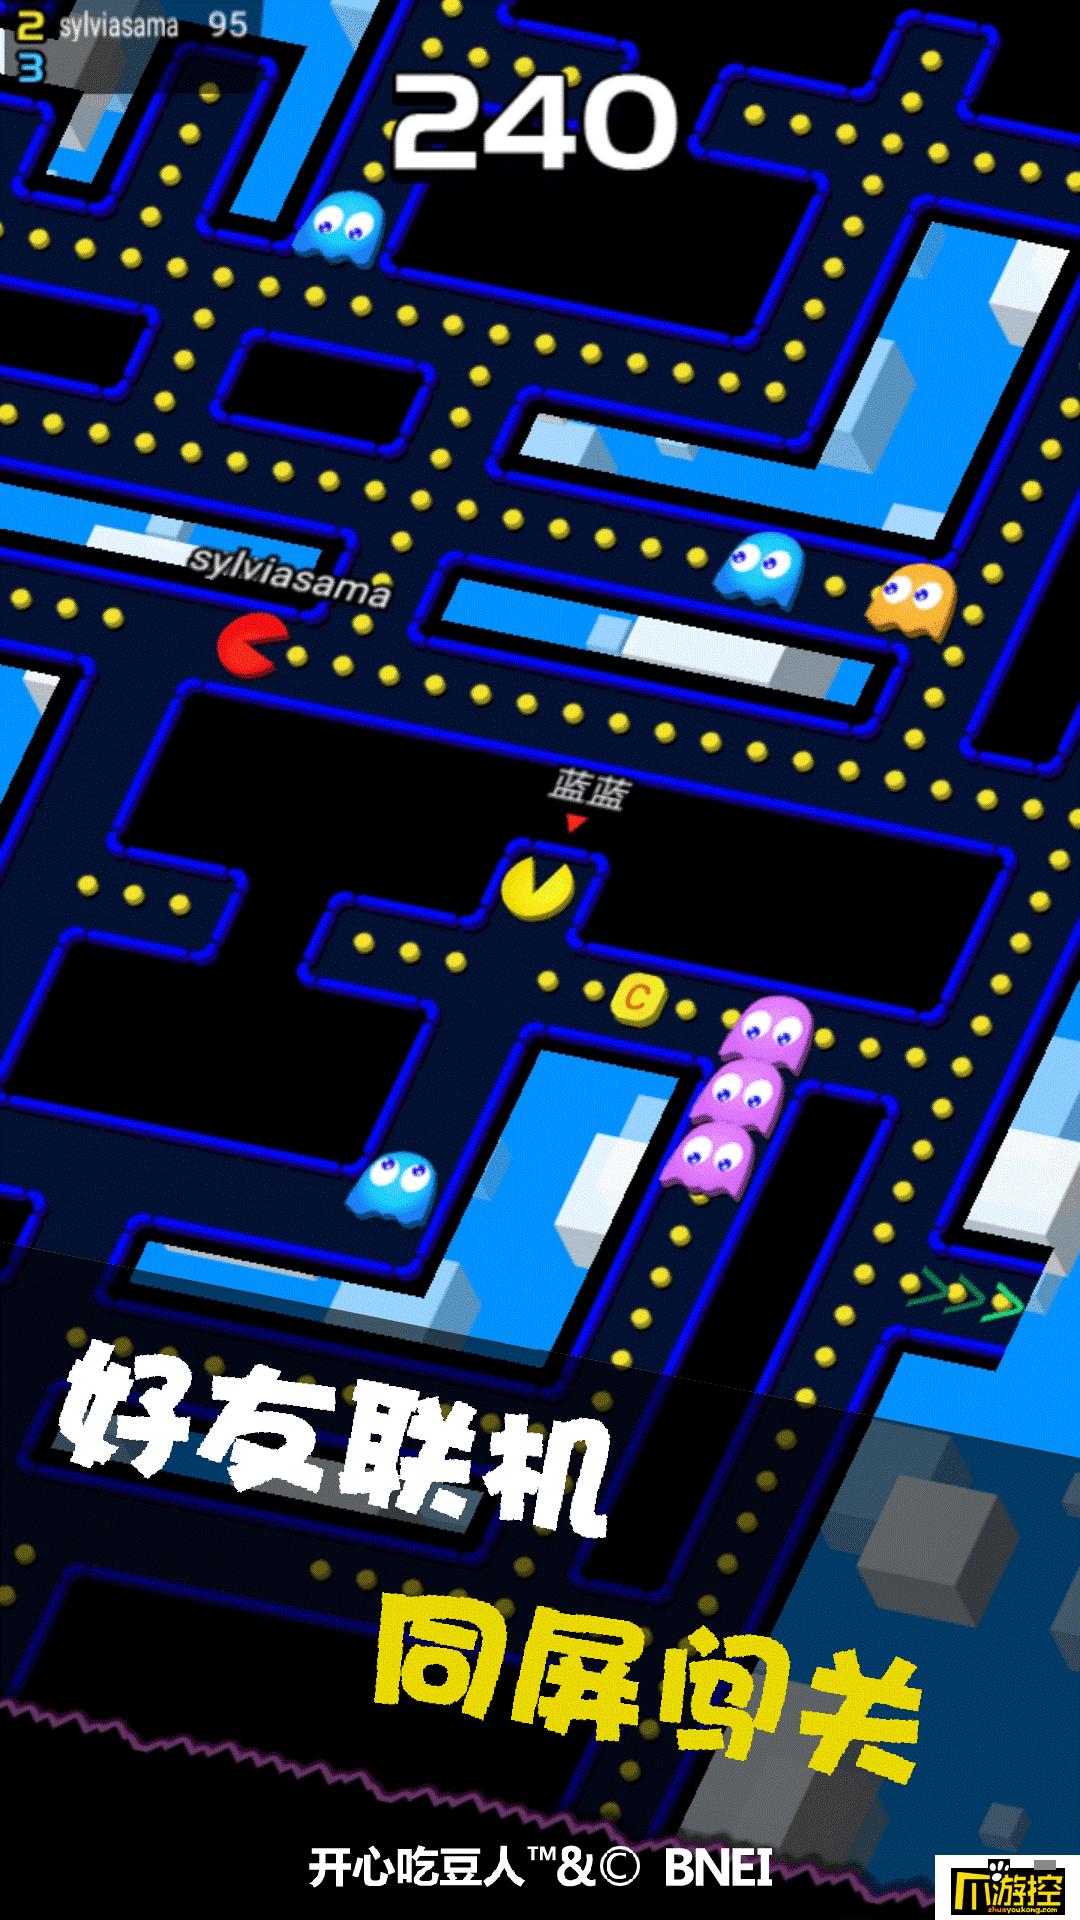 《开心吃豆人》小游戏强势来袭,联机玩法重温童年时光